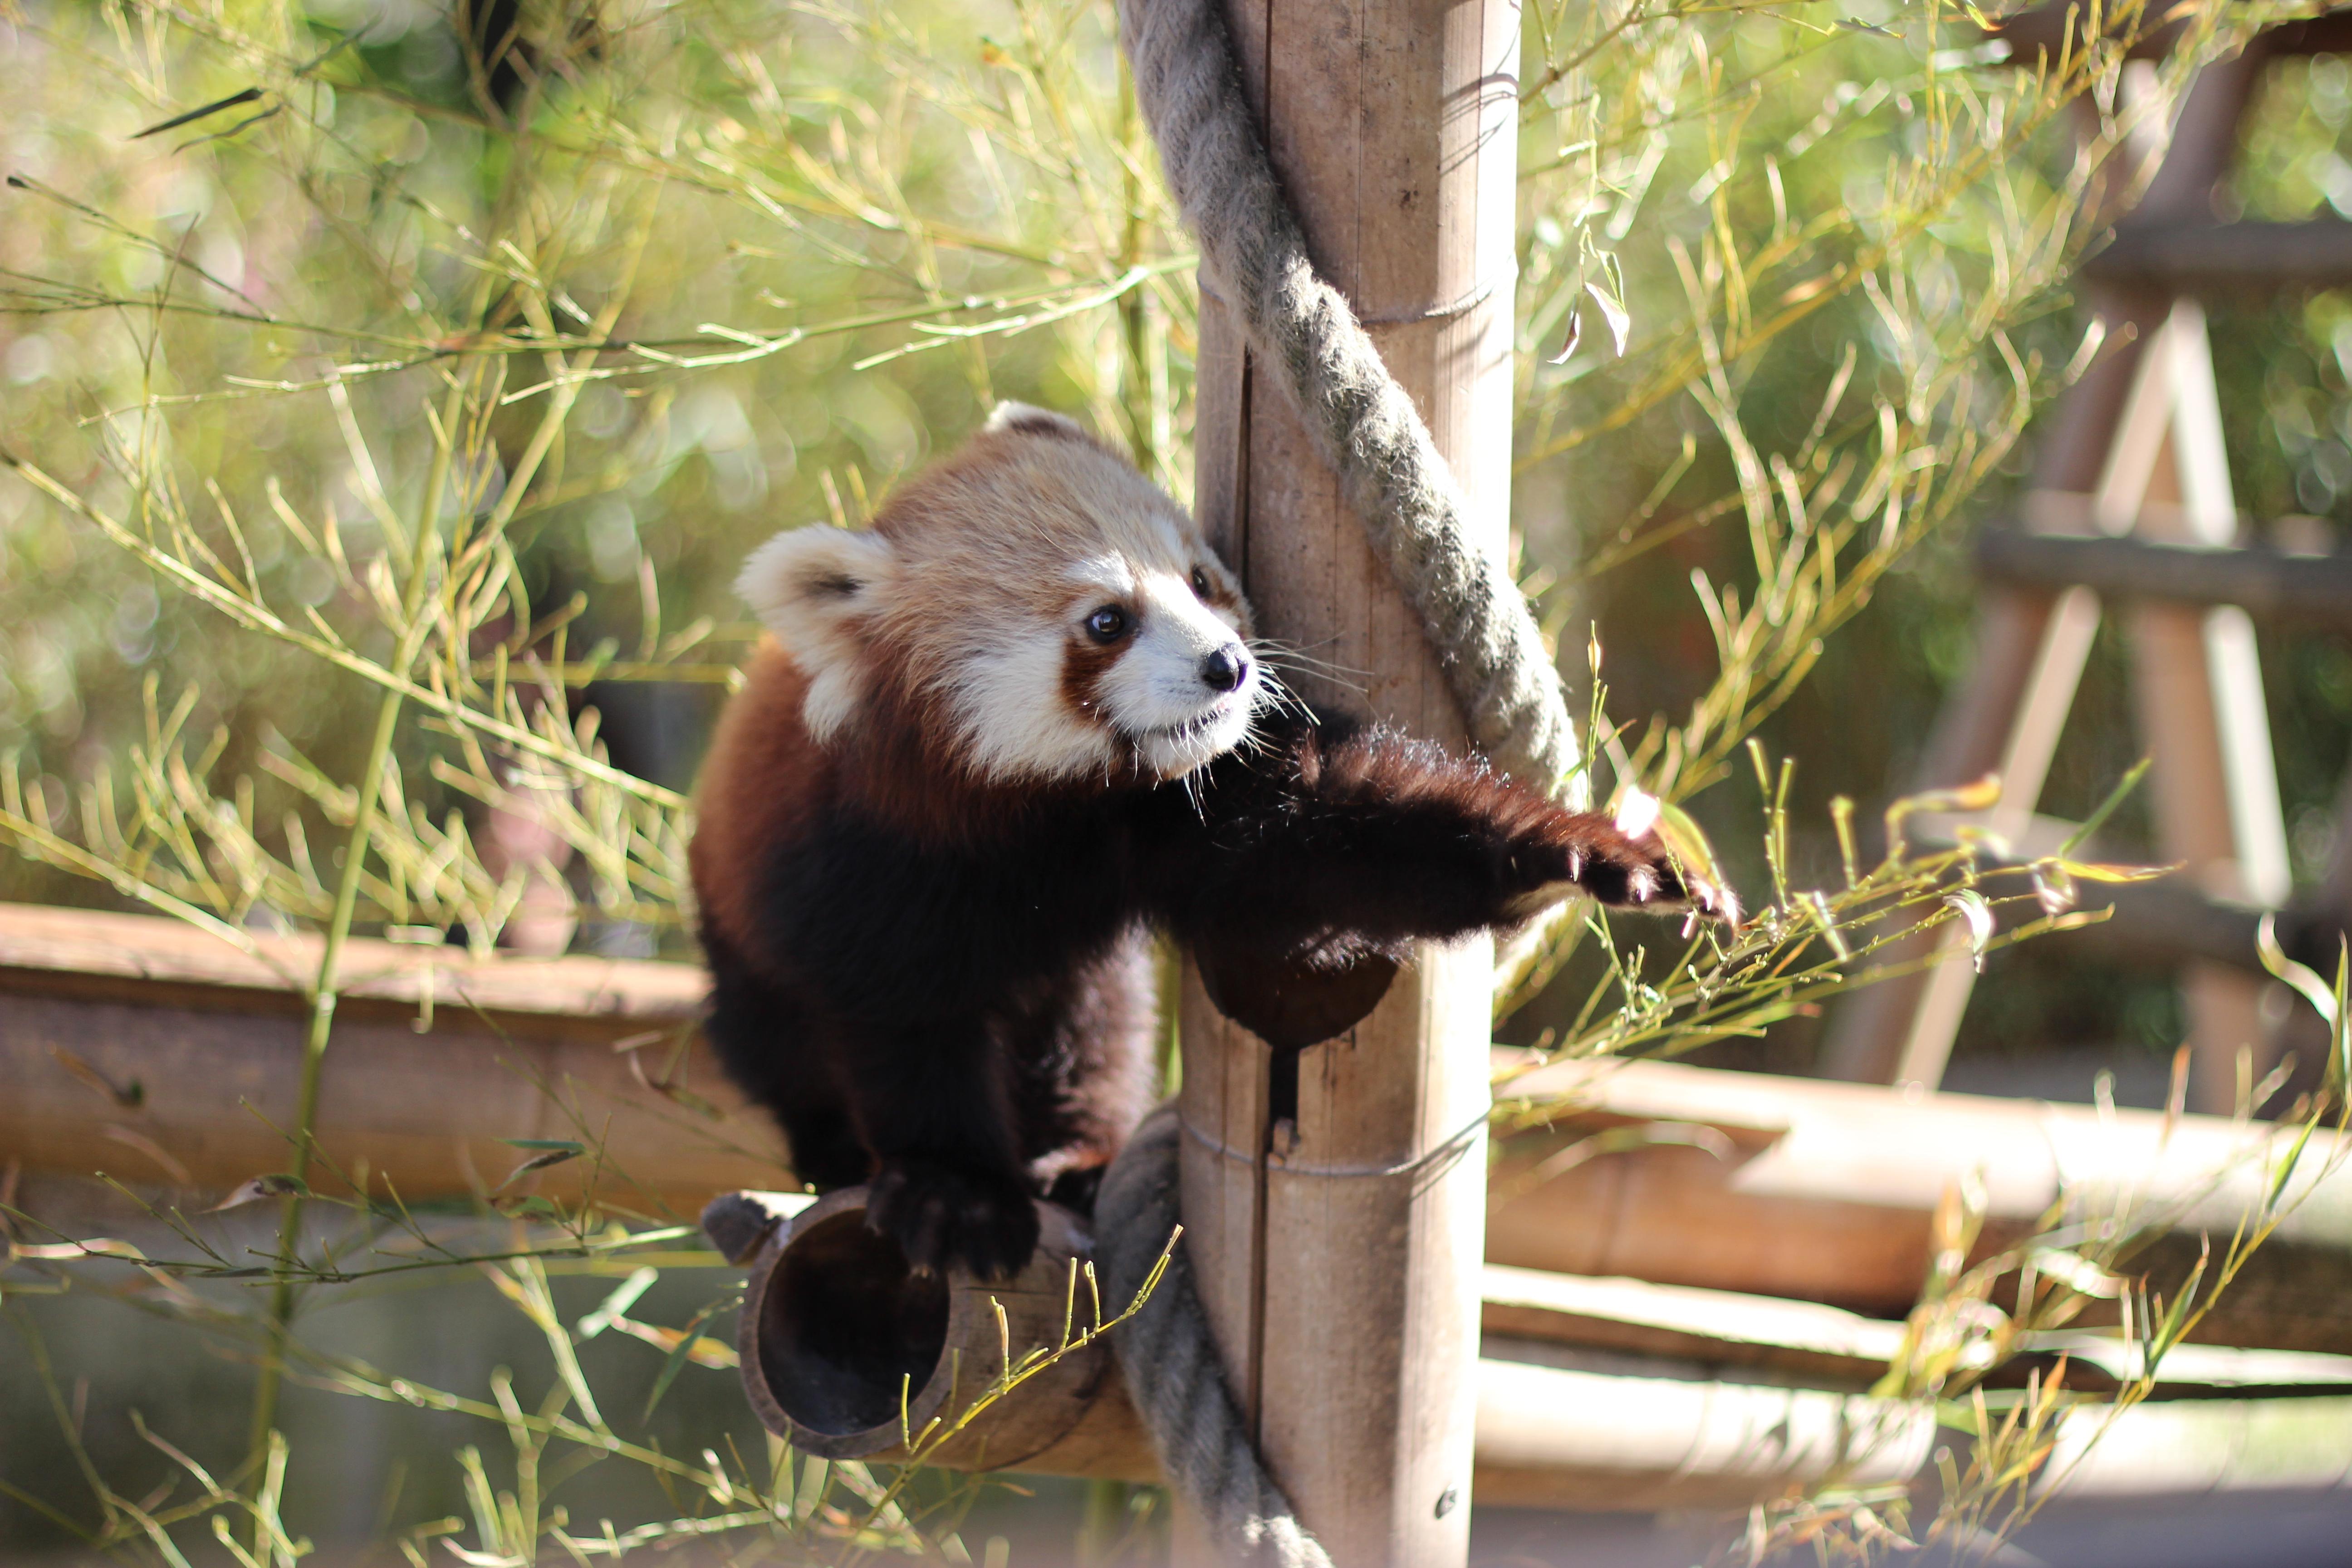 Zoo paris m nagerie du jardin des plantes blog in the air - Zoo de paris jardin des plantes ...